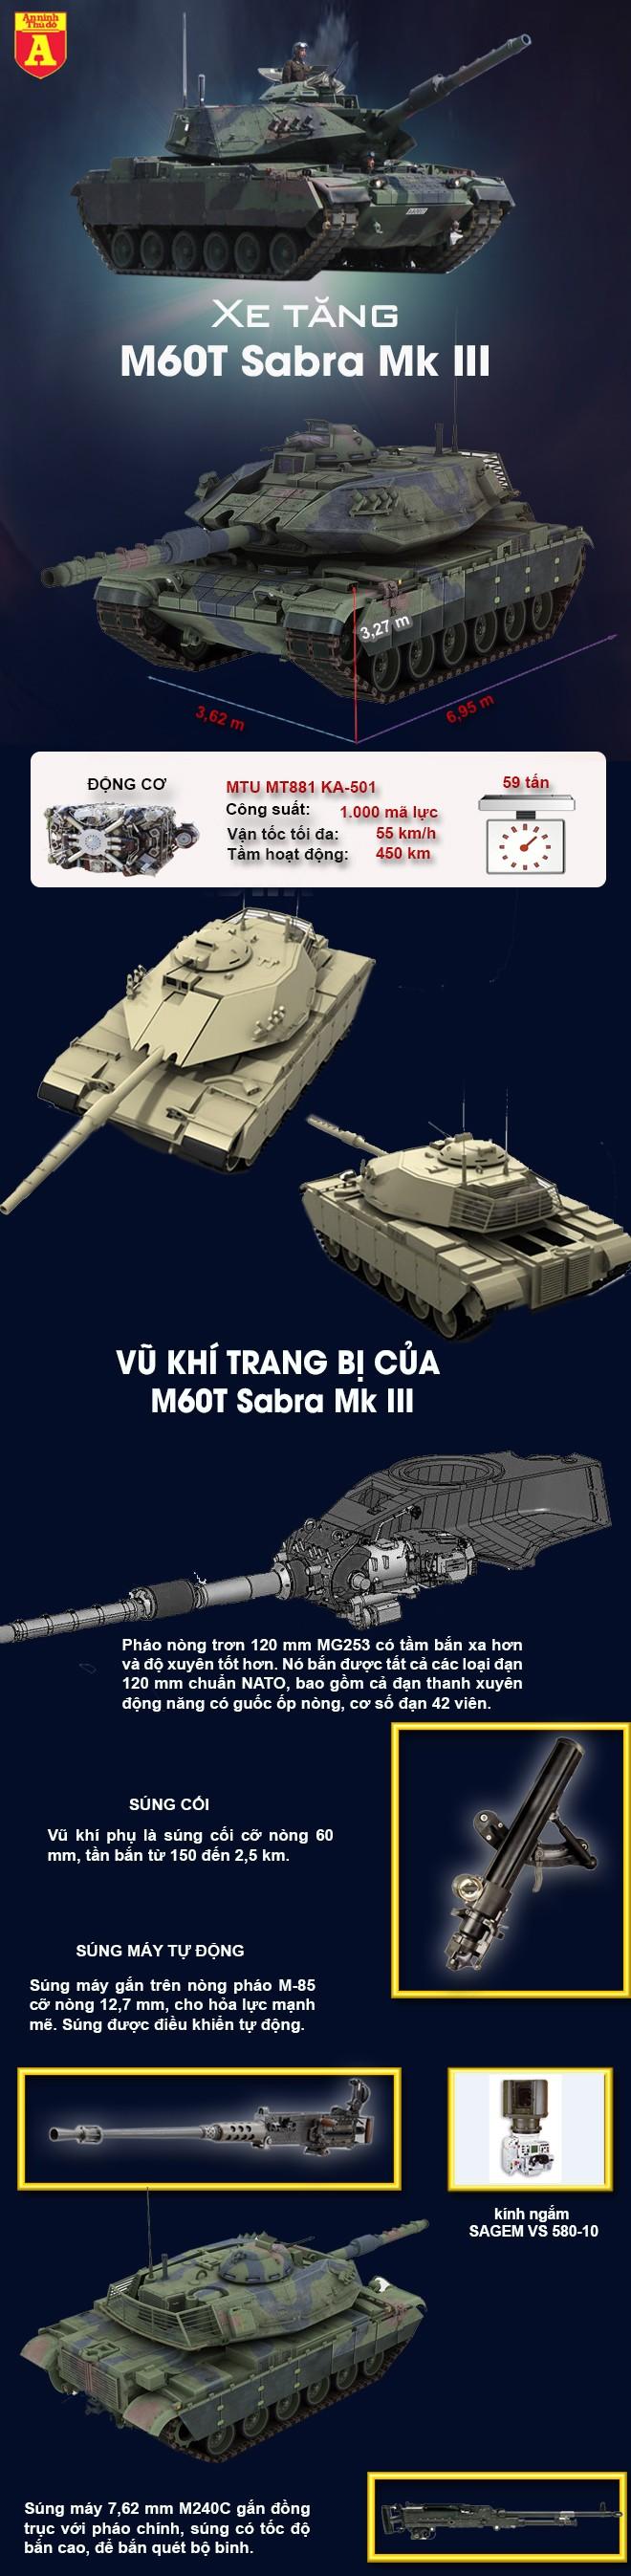 """[Infographic] Từng khiến """"sát thủ"""" Kornet Nga bất lực, xe tăng M60T tràn ngập chiến trường Syria ảnh 2"""